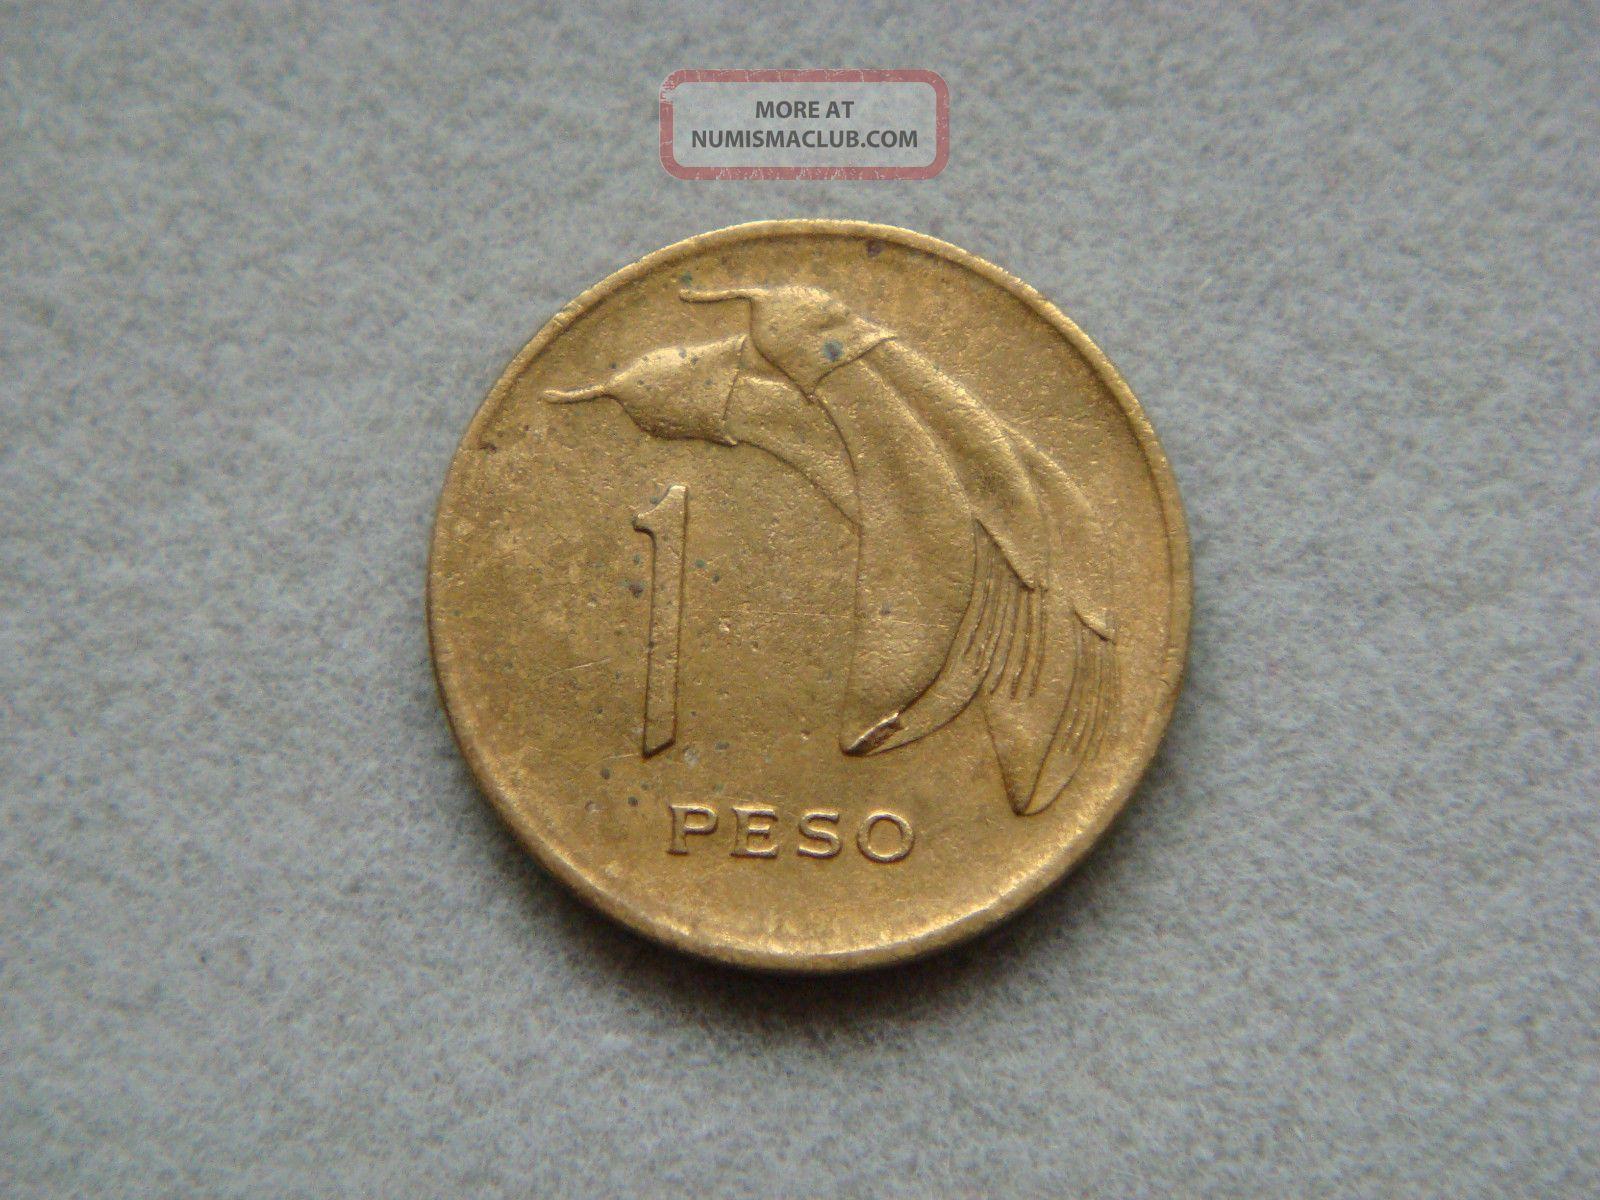 Uruguay 1 Peso,  1968 Coin. South America photo